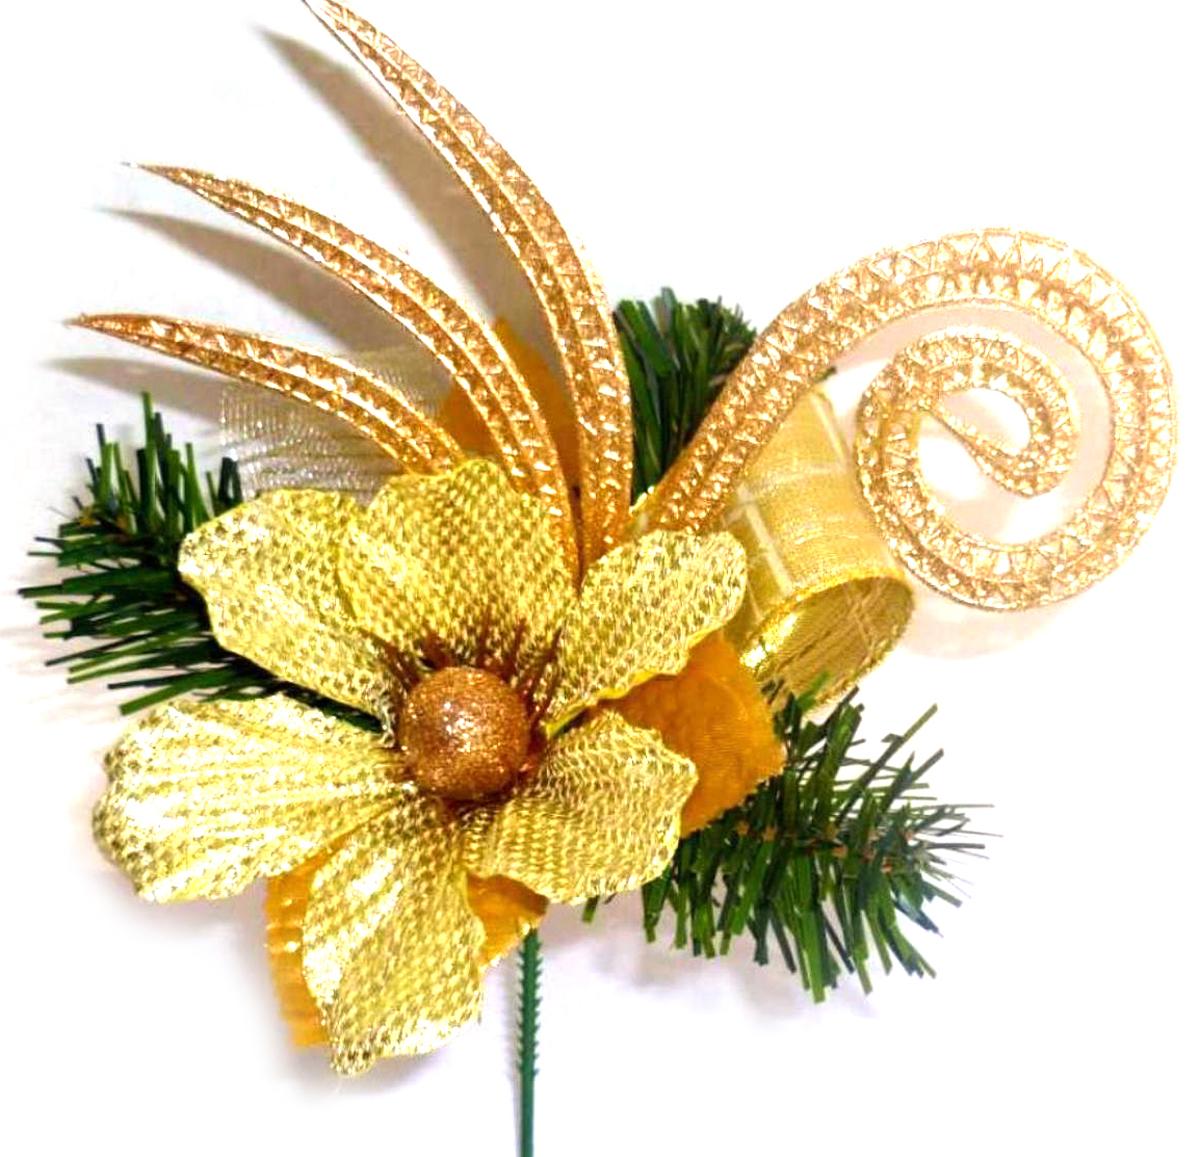 Новогоднее декоративное украшение Рождественское, высота 18 см. 270410270410В преддверии праздника принято украшать интерьер. Готовое украшение Рождественское прекрасно справиться с этой задачей, создаст атмосферу праздника и настроения.